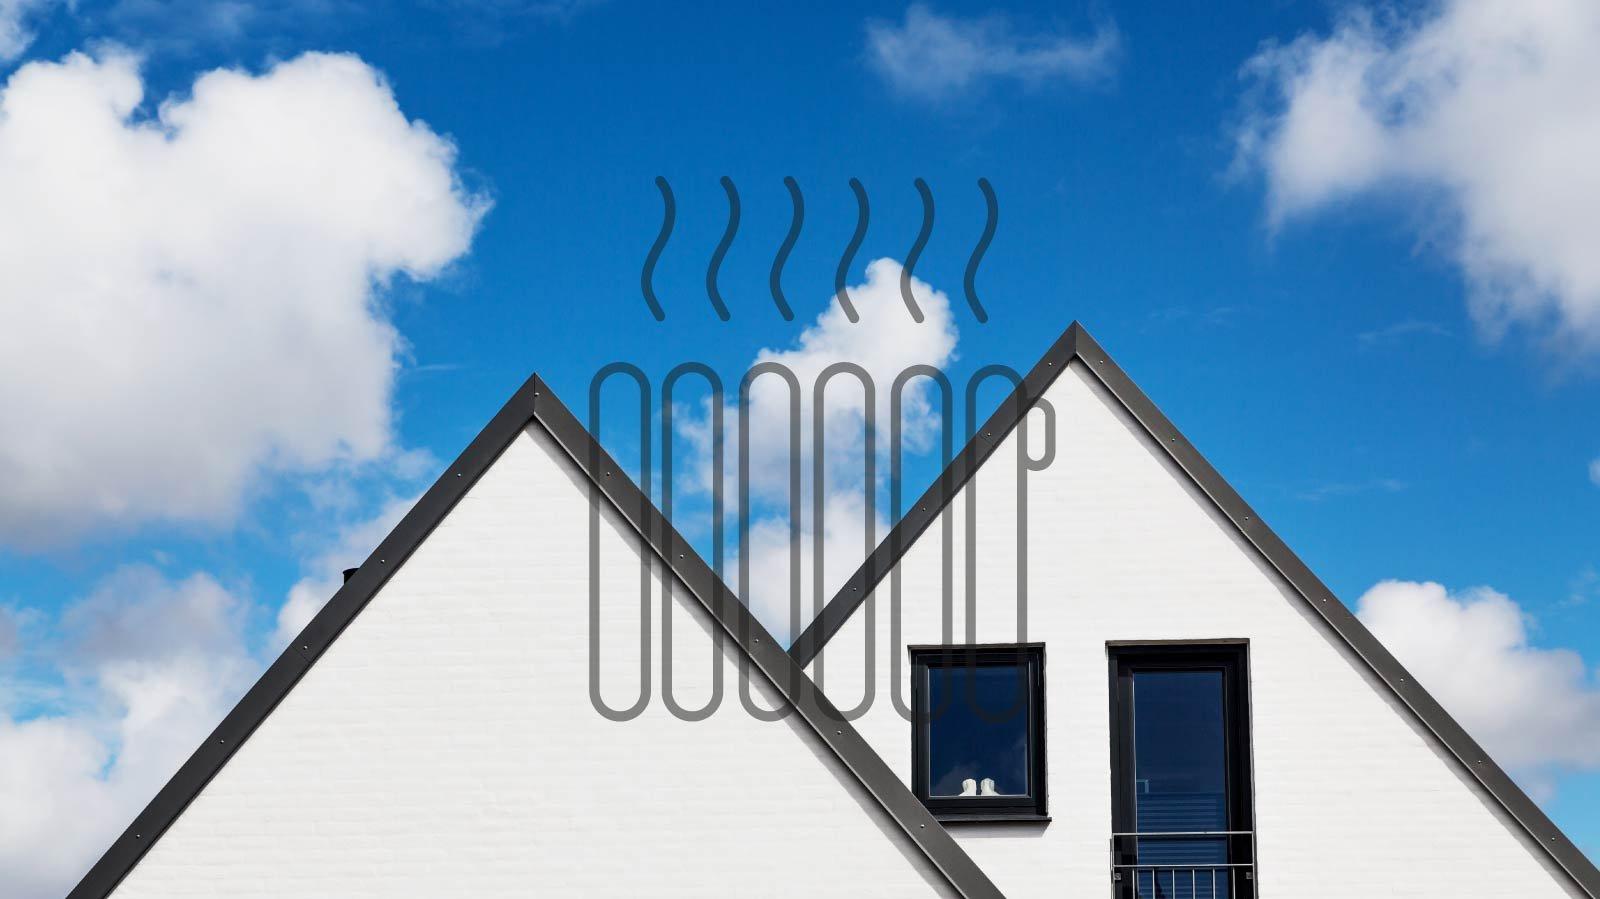 En tændt radiator. Hvad har den med fjernvarme at gøre?